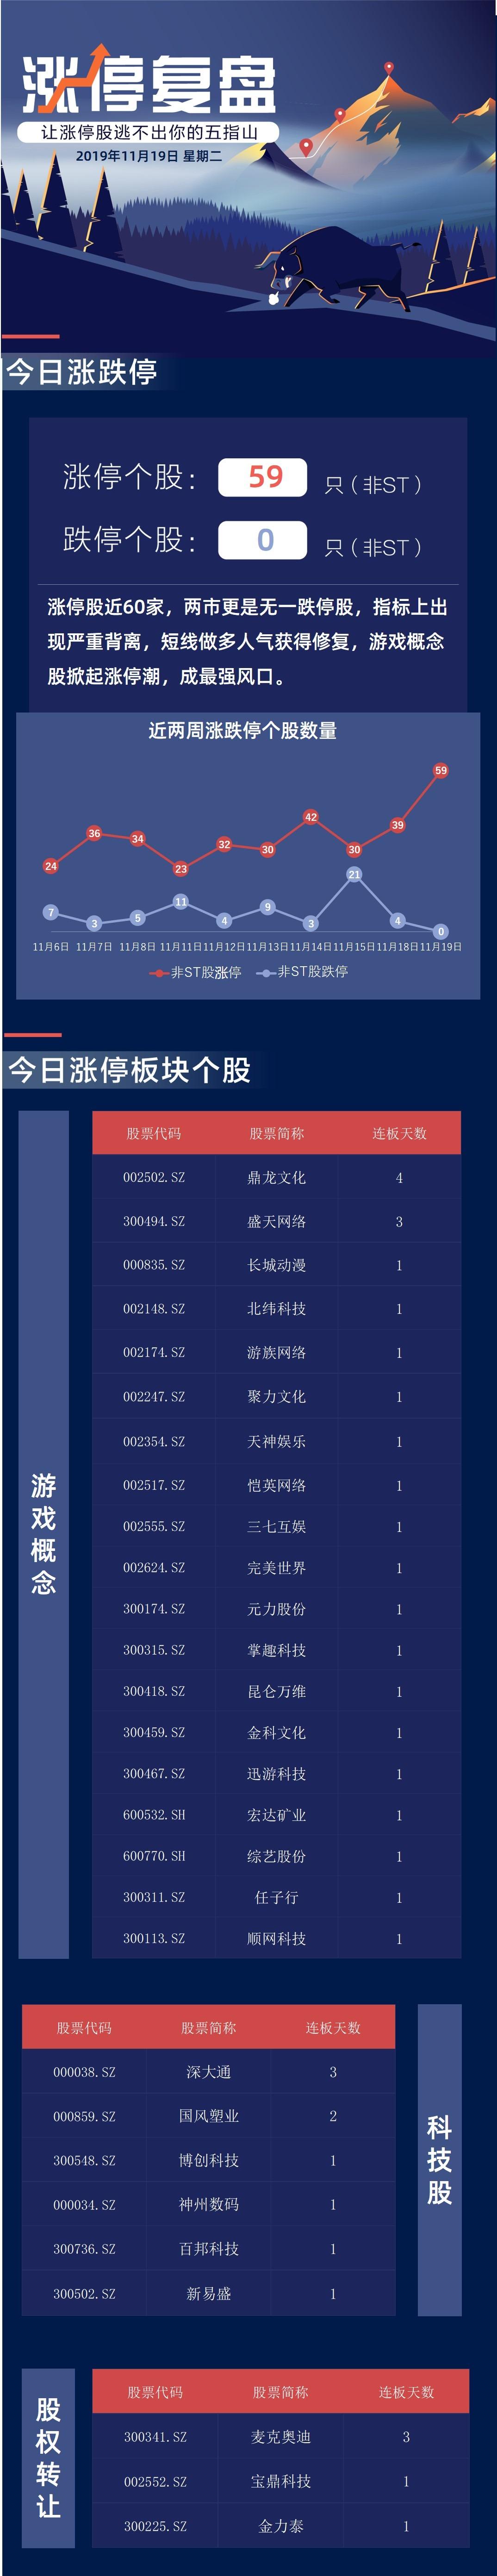 顶旺线上官方_CSGO马耳他冠军杯中国区预选:TYLOO 2-0击败OneThree获正赛资格